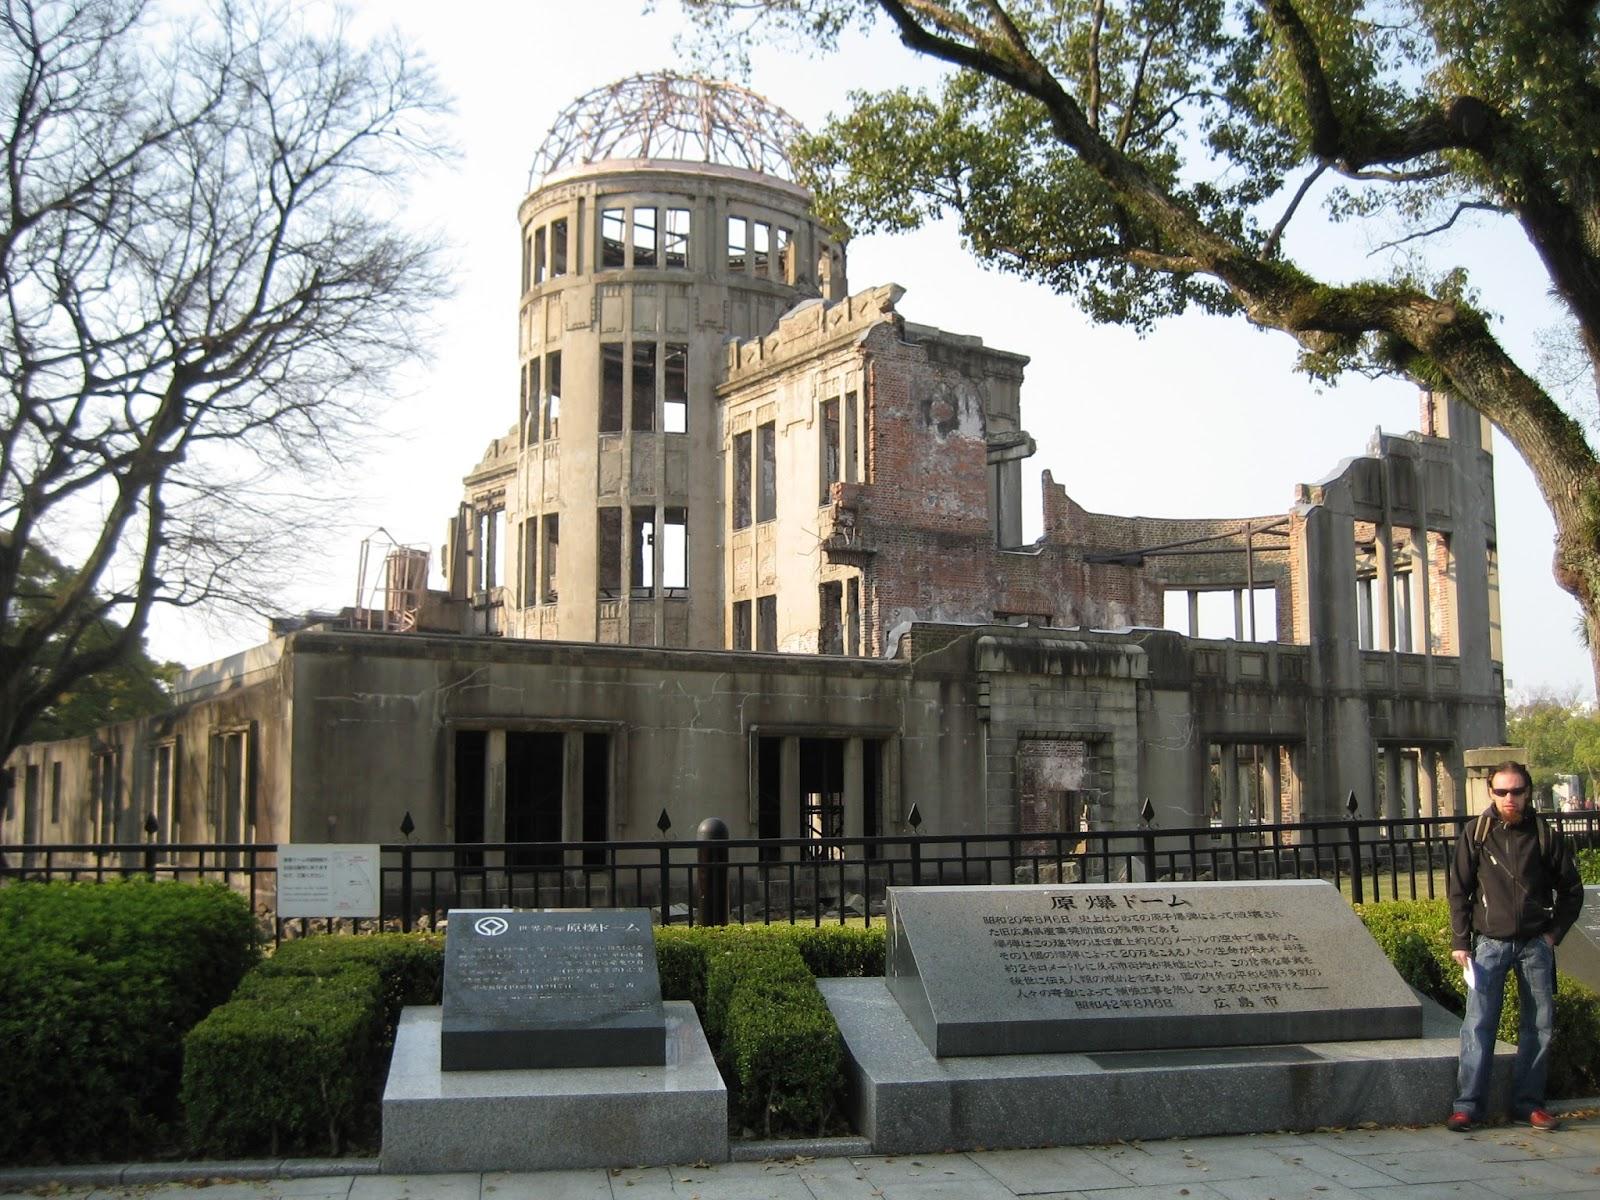 Patrimonio de la Humanidad en Asia y Oceanía. Japón. Memorial de la Paz de Hiroshima.